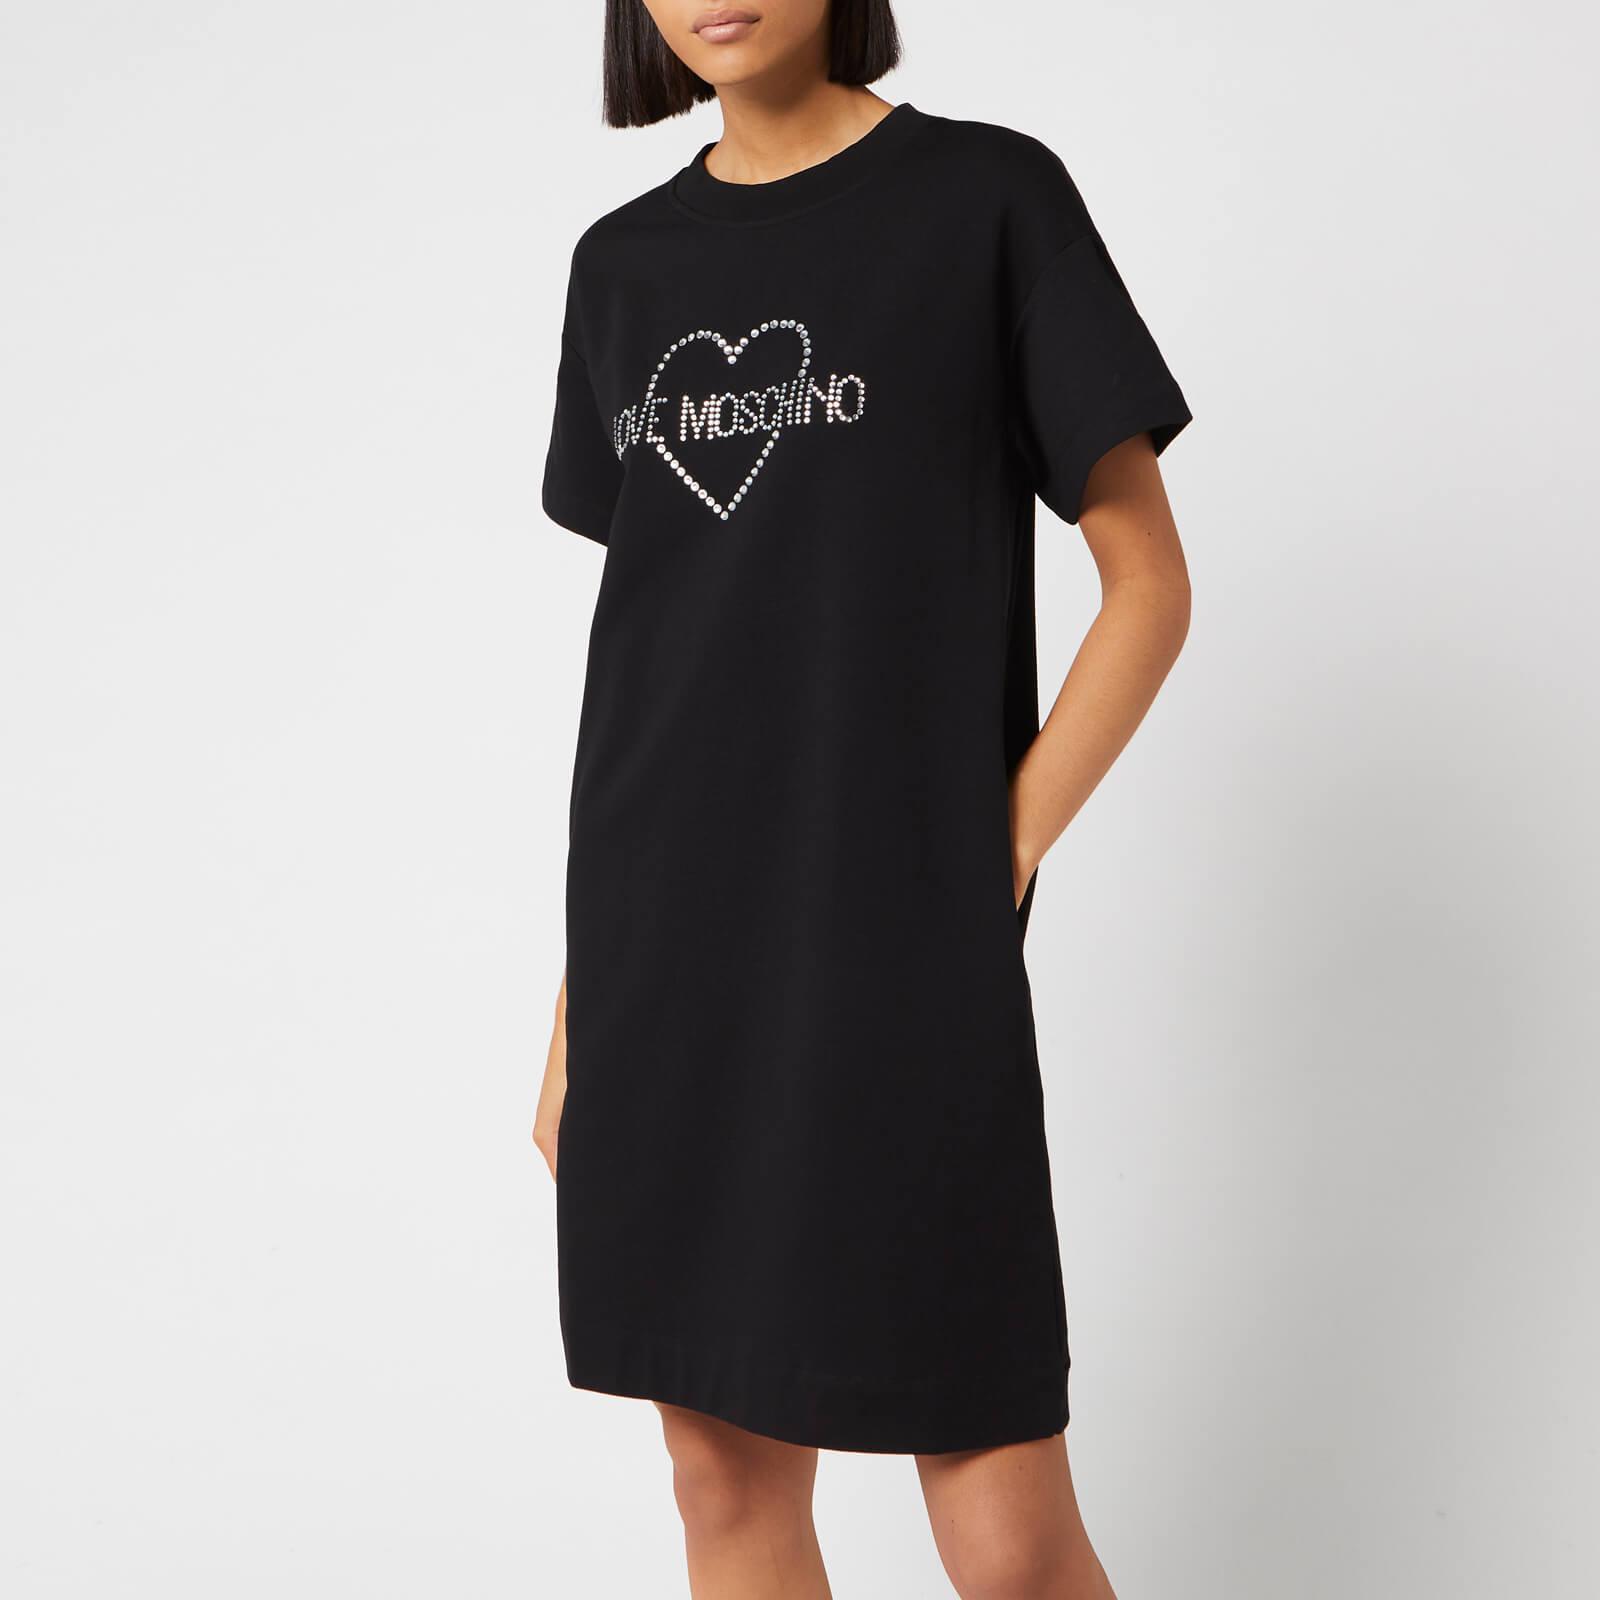 Moschino Love Moschino Women's Logo T-Shirt Dress - Black - IT 44/UK 12 - Black